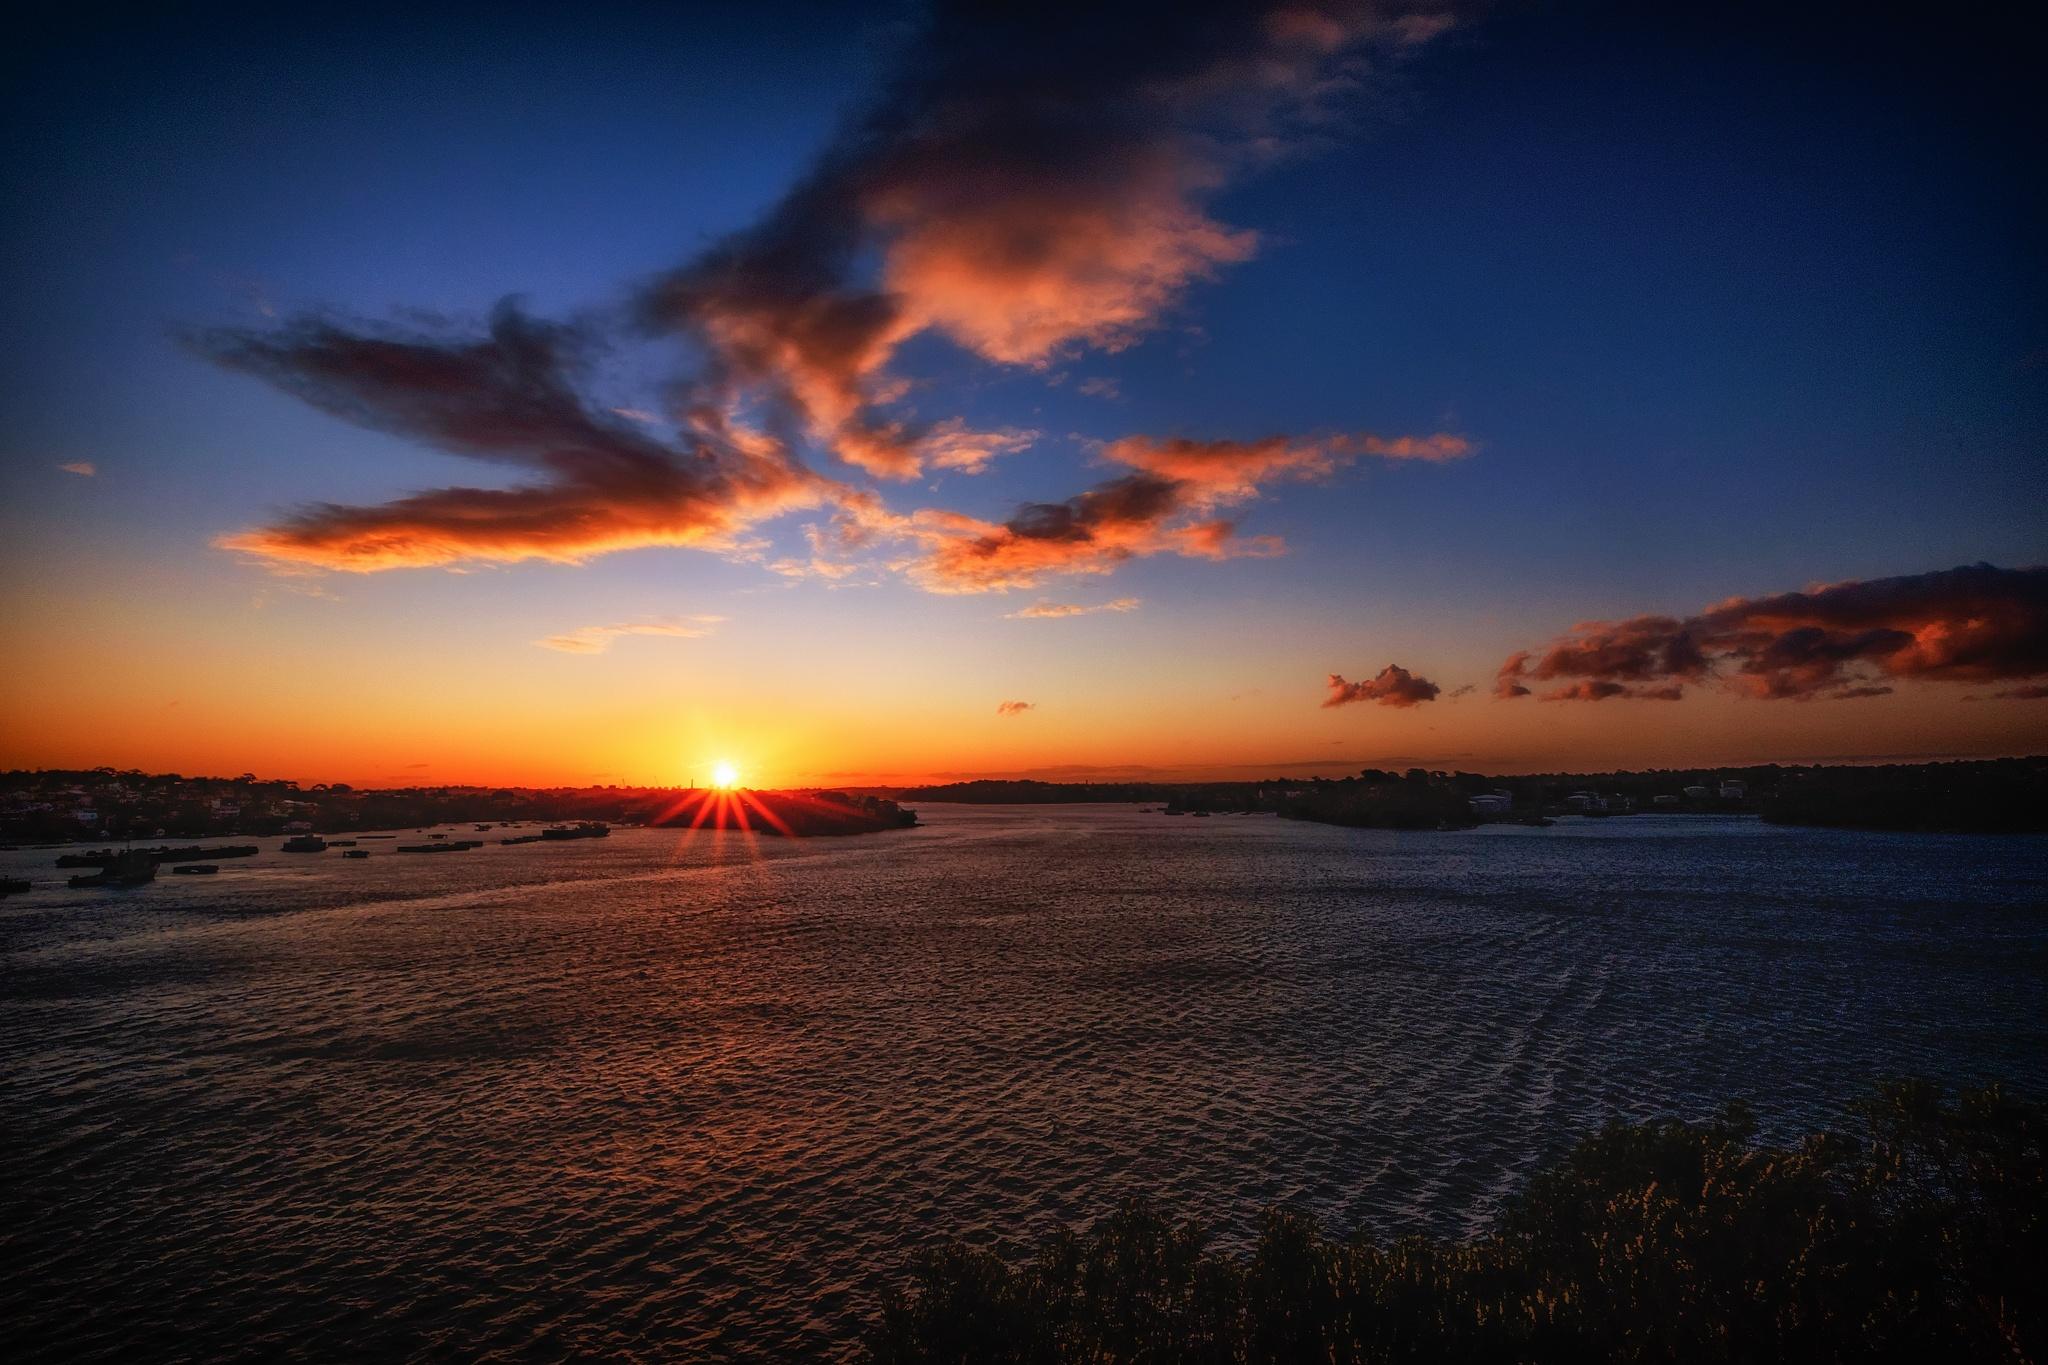 Wispy Clouds by Peter Medbury